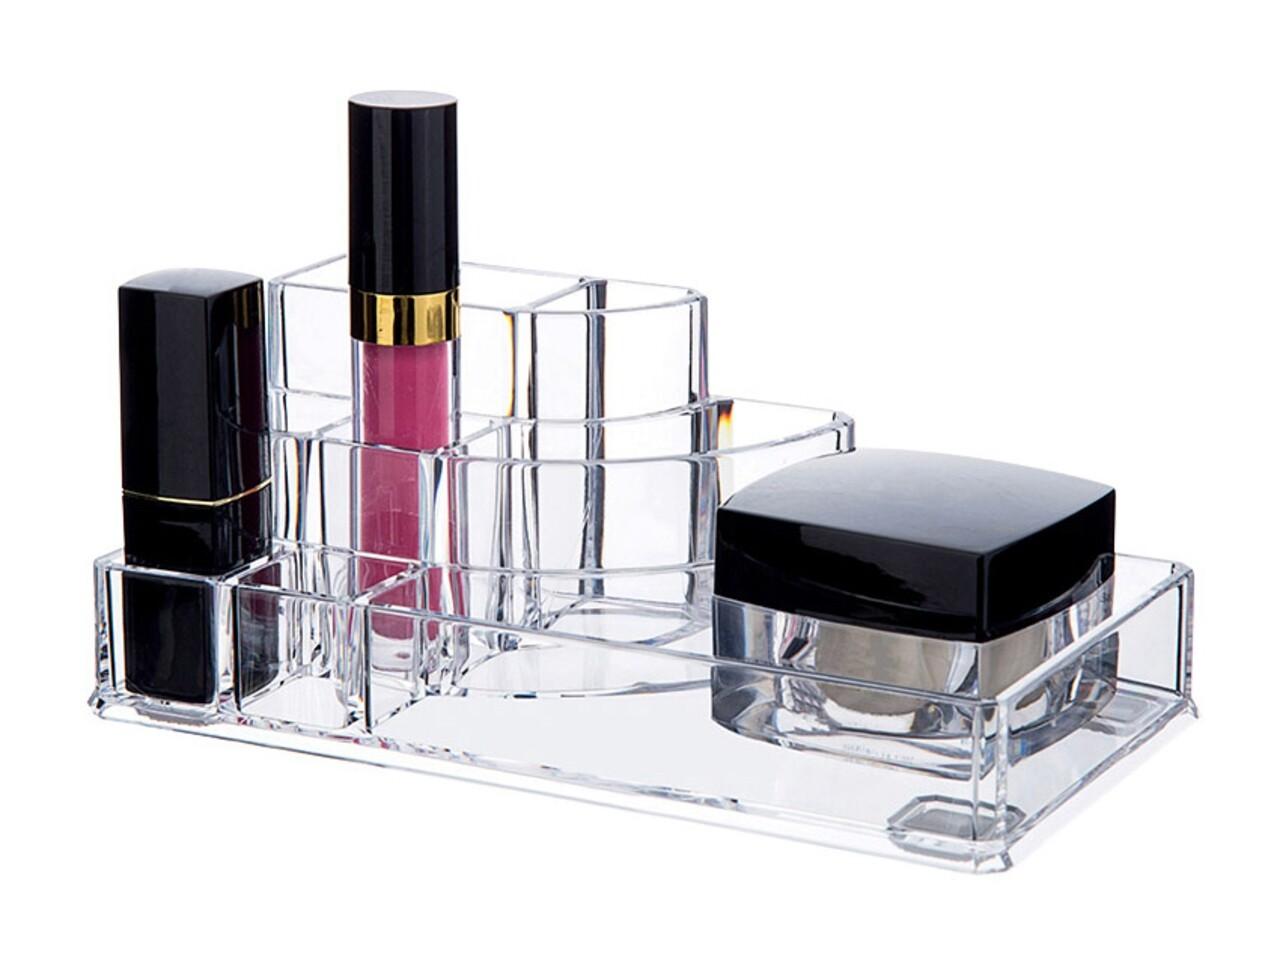 Organizator pentru cosmetice Compactor, 8 compartimente, transparent